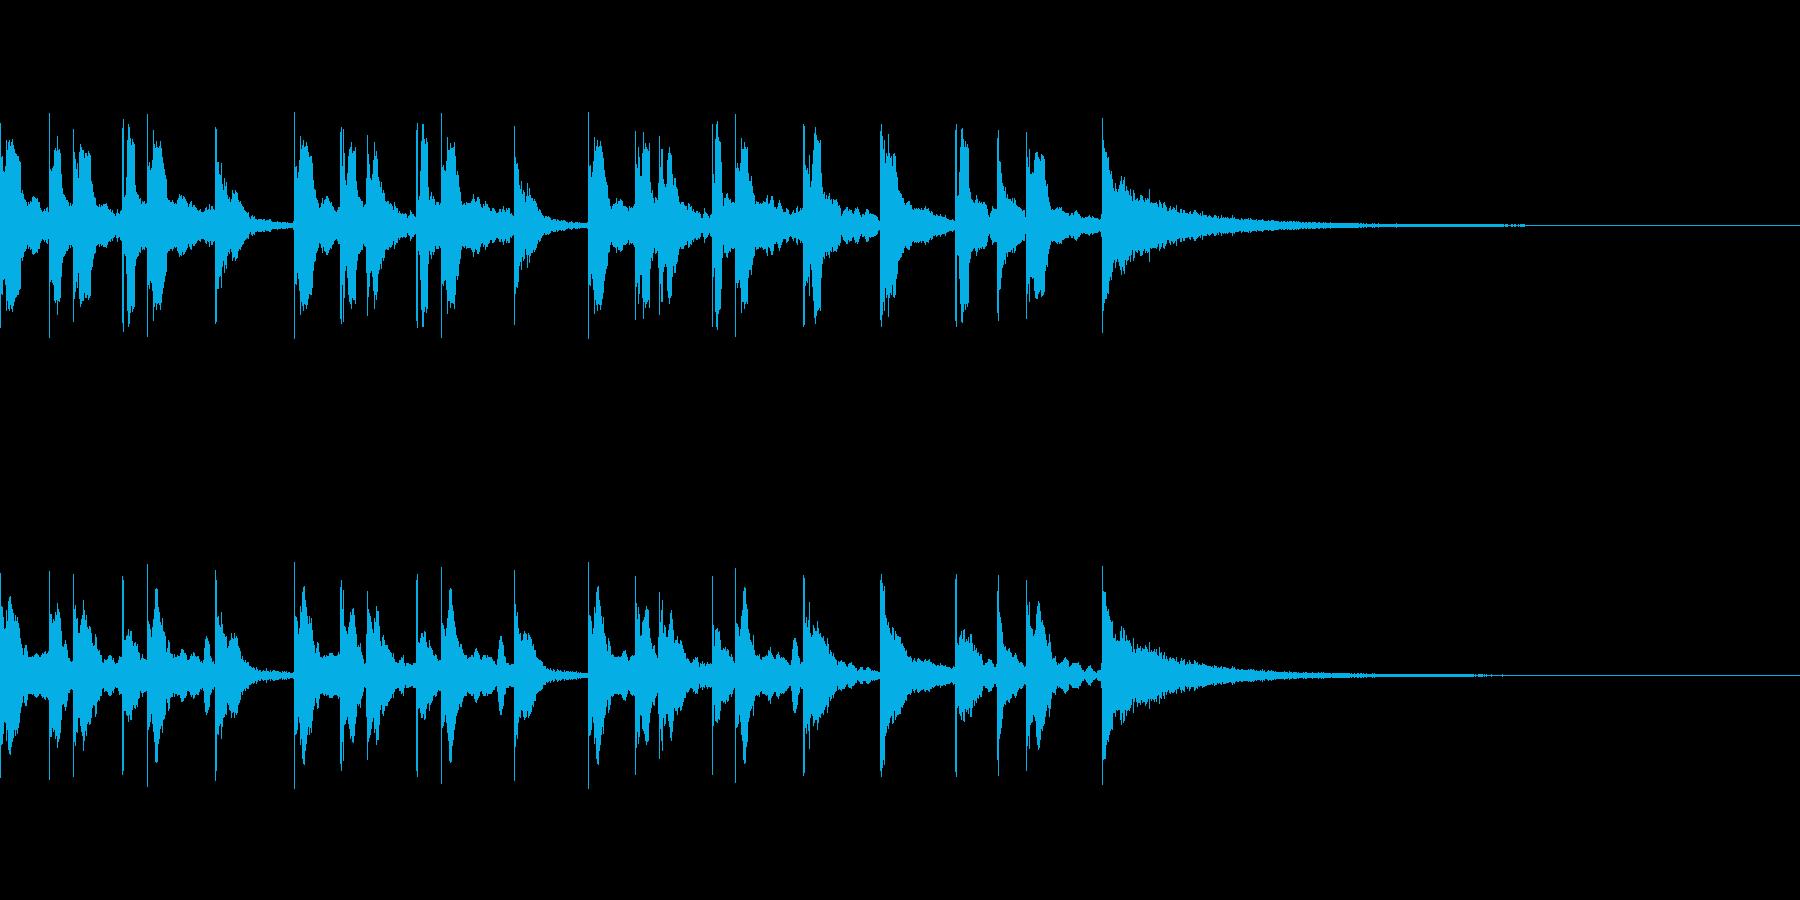 コミカルな和風ジングルの再生済みの波形